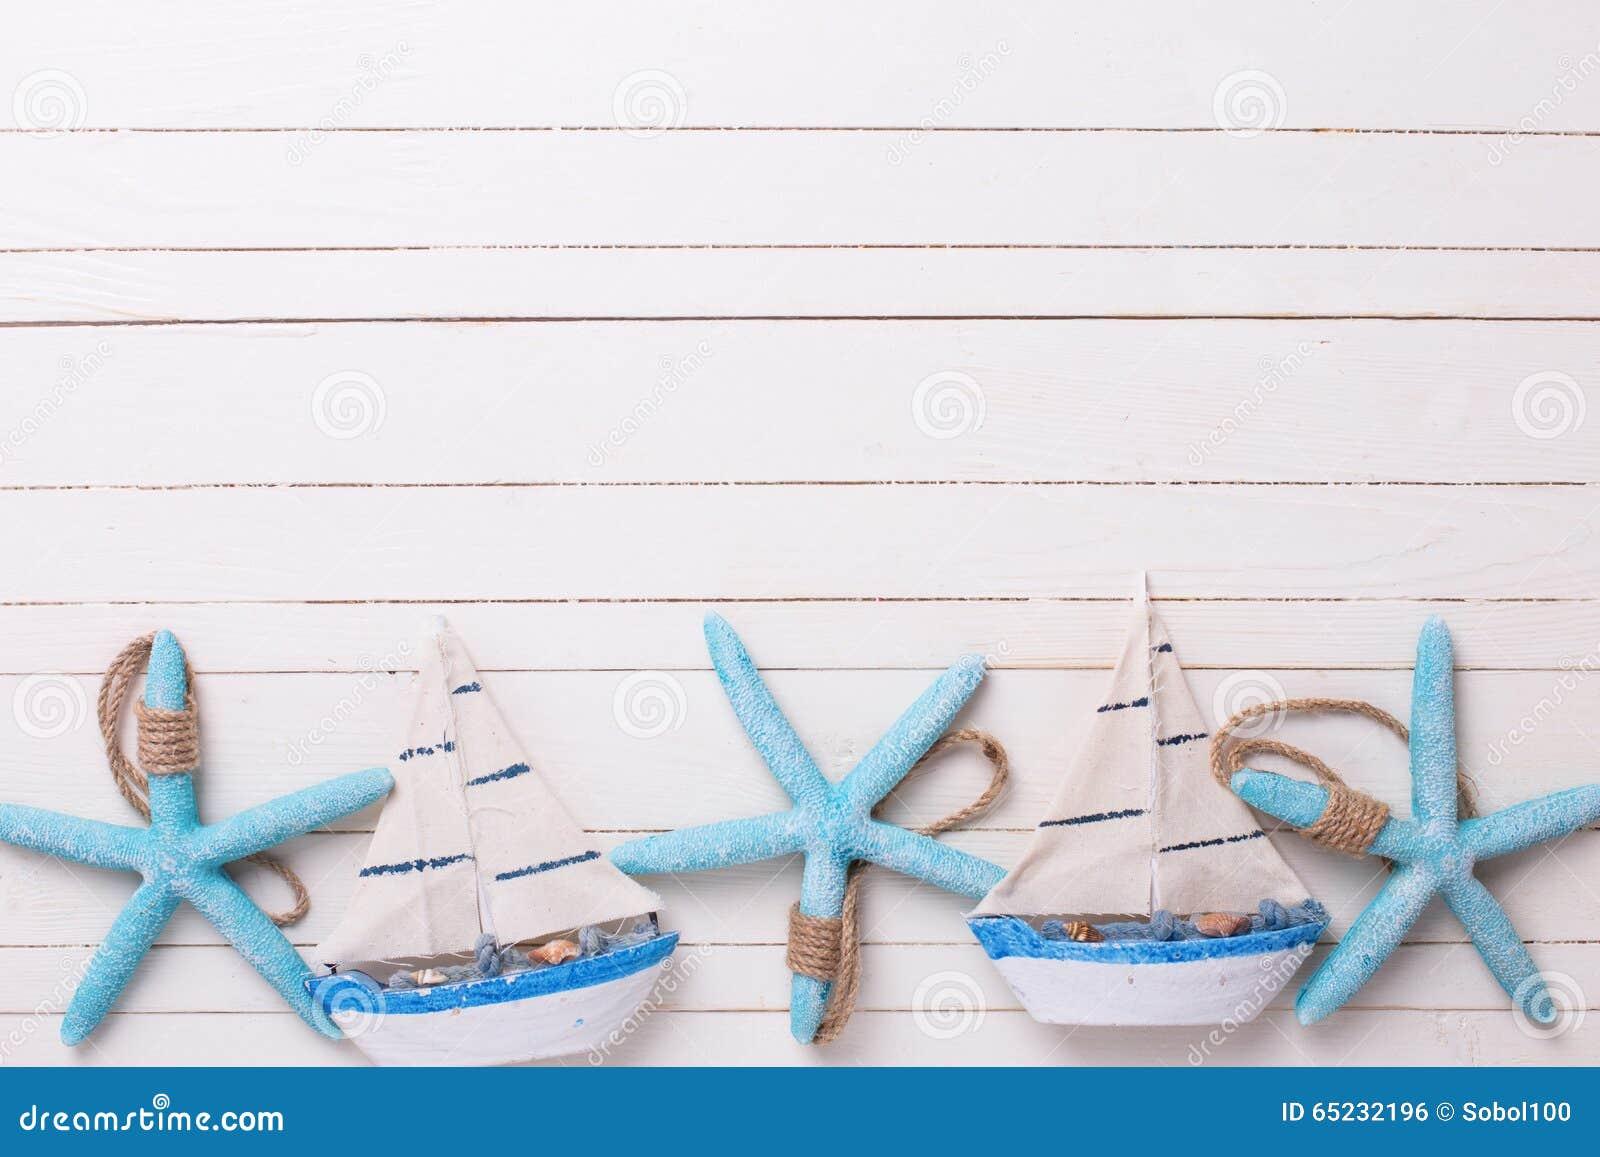 frontera de los barcos de navegacin decorativos y de los artculos marinos en de madera foto